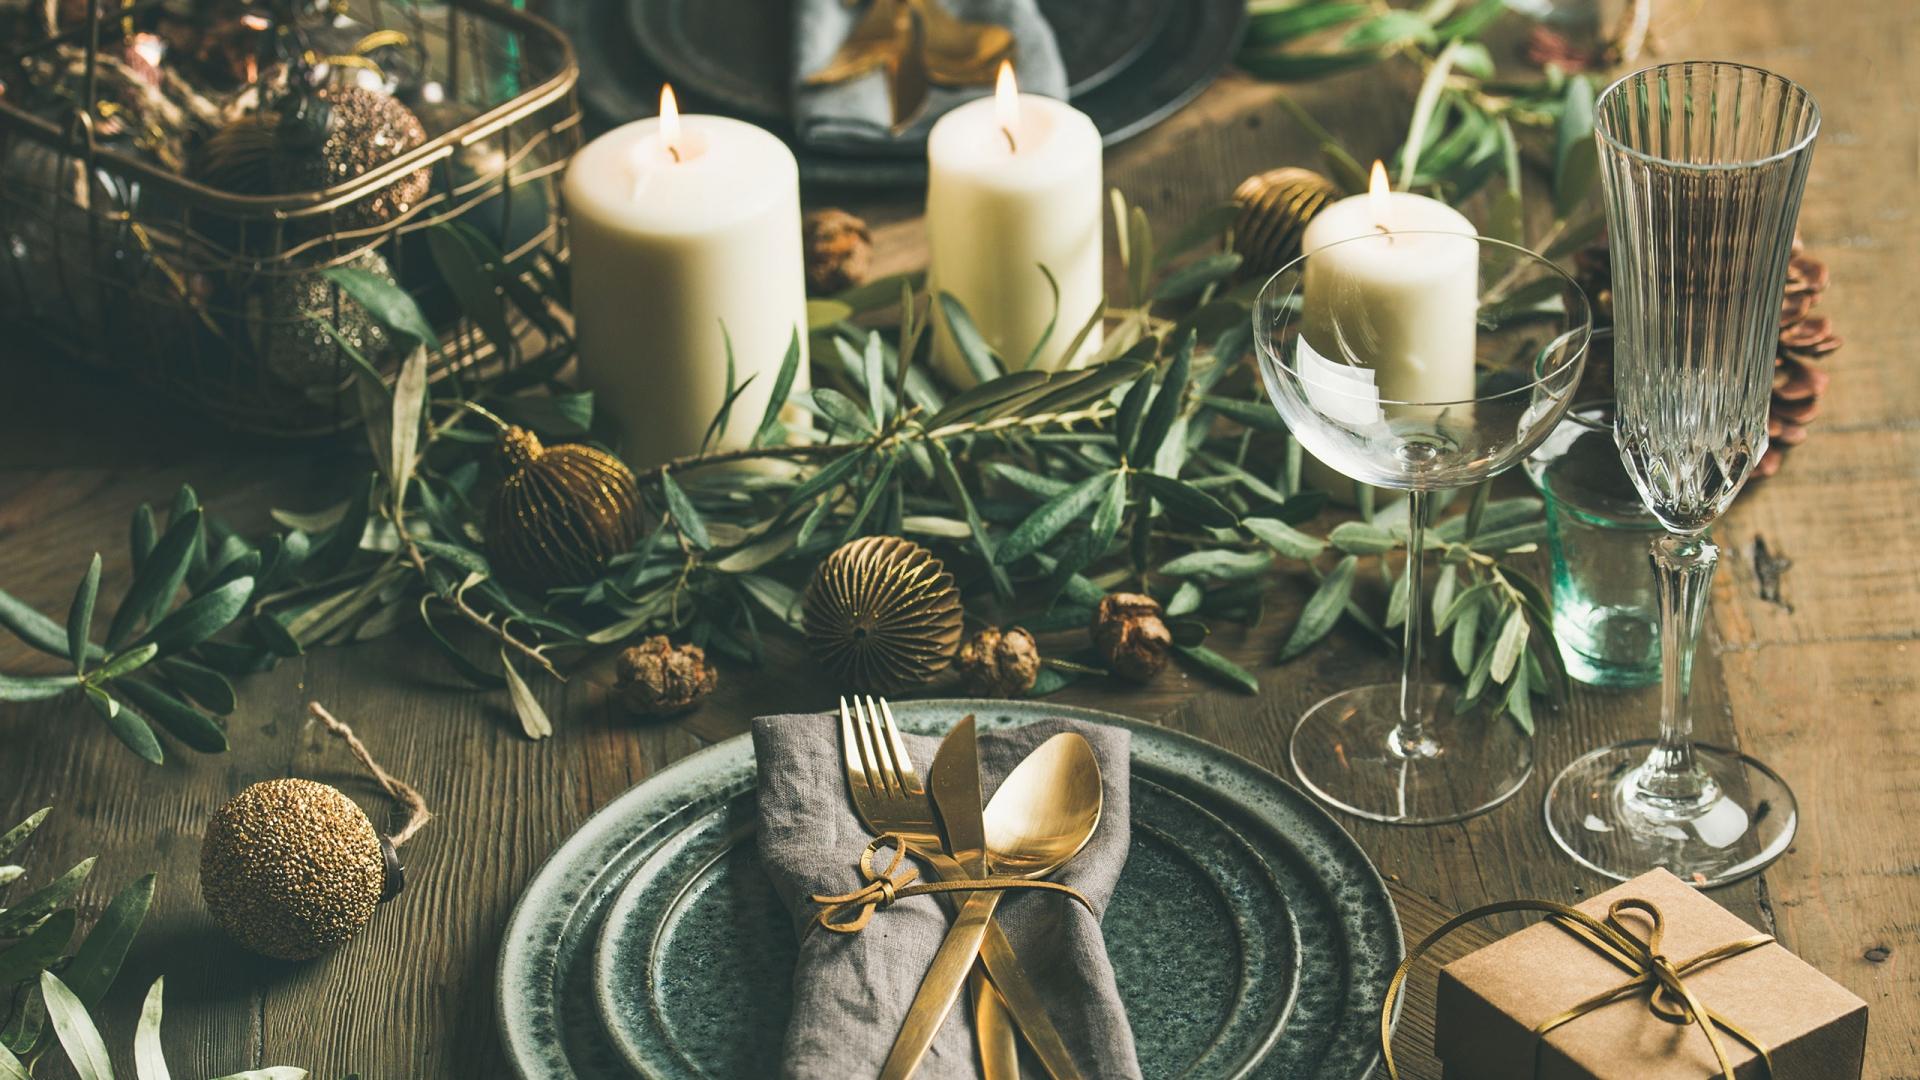 Diy Ideen Zu Weihnachten Tischdeko Fur Festliche Dinnertafeln